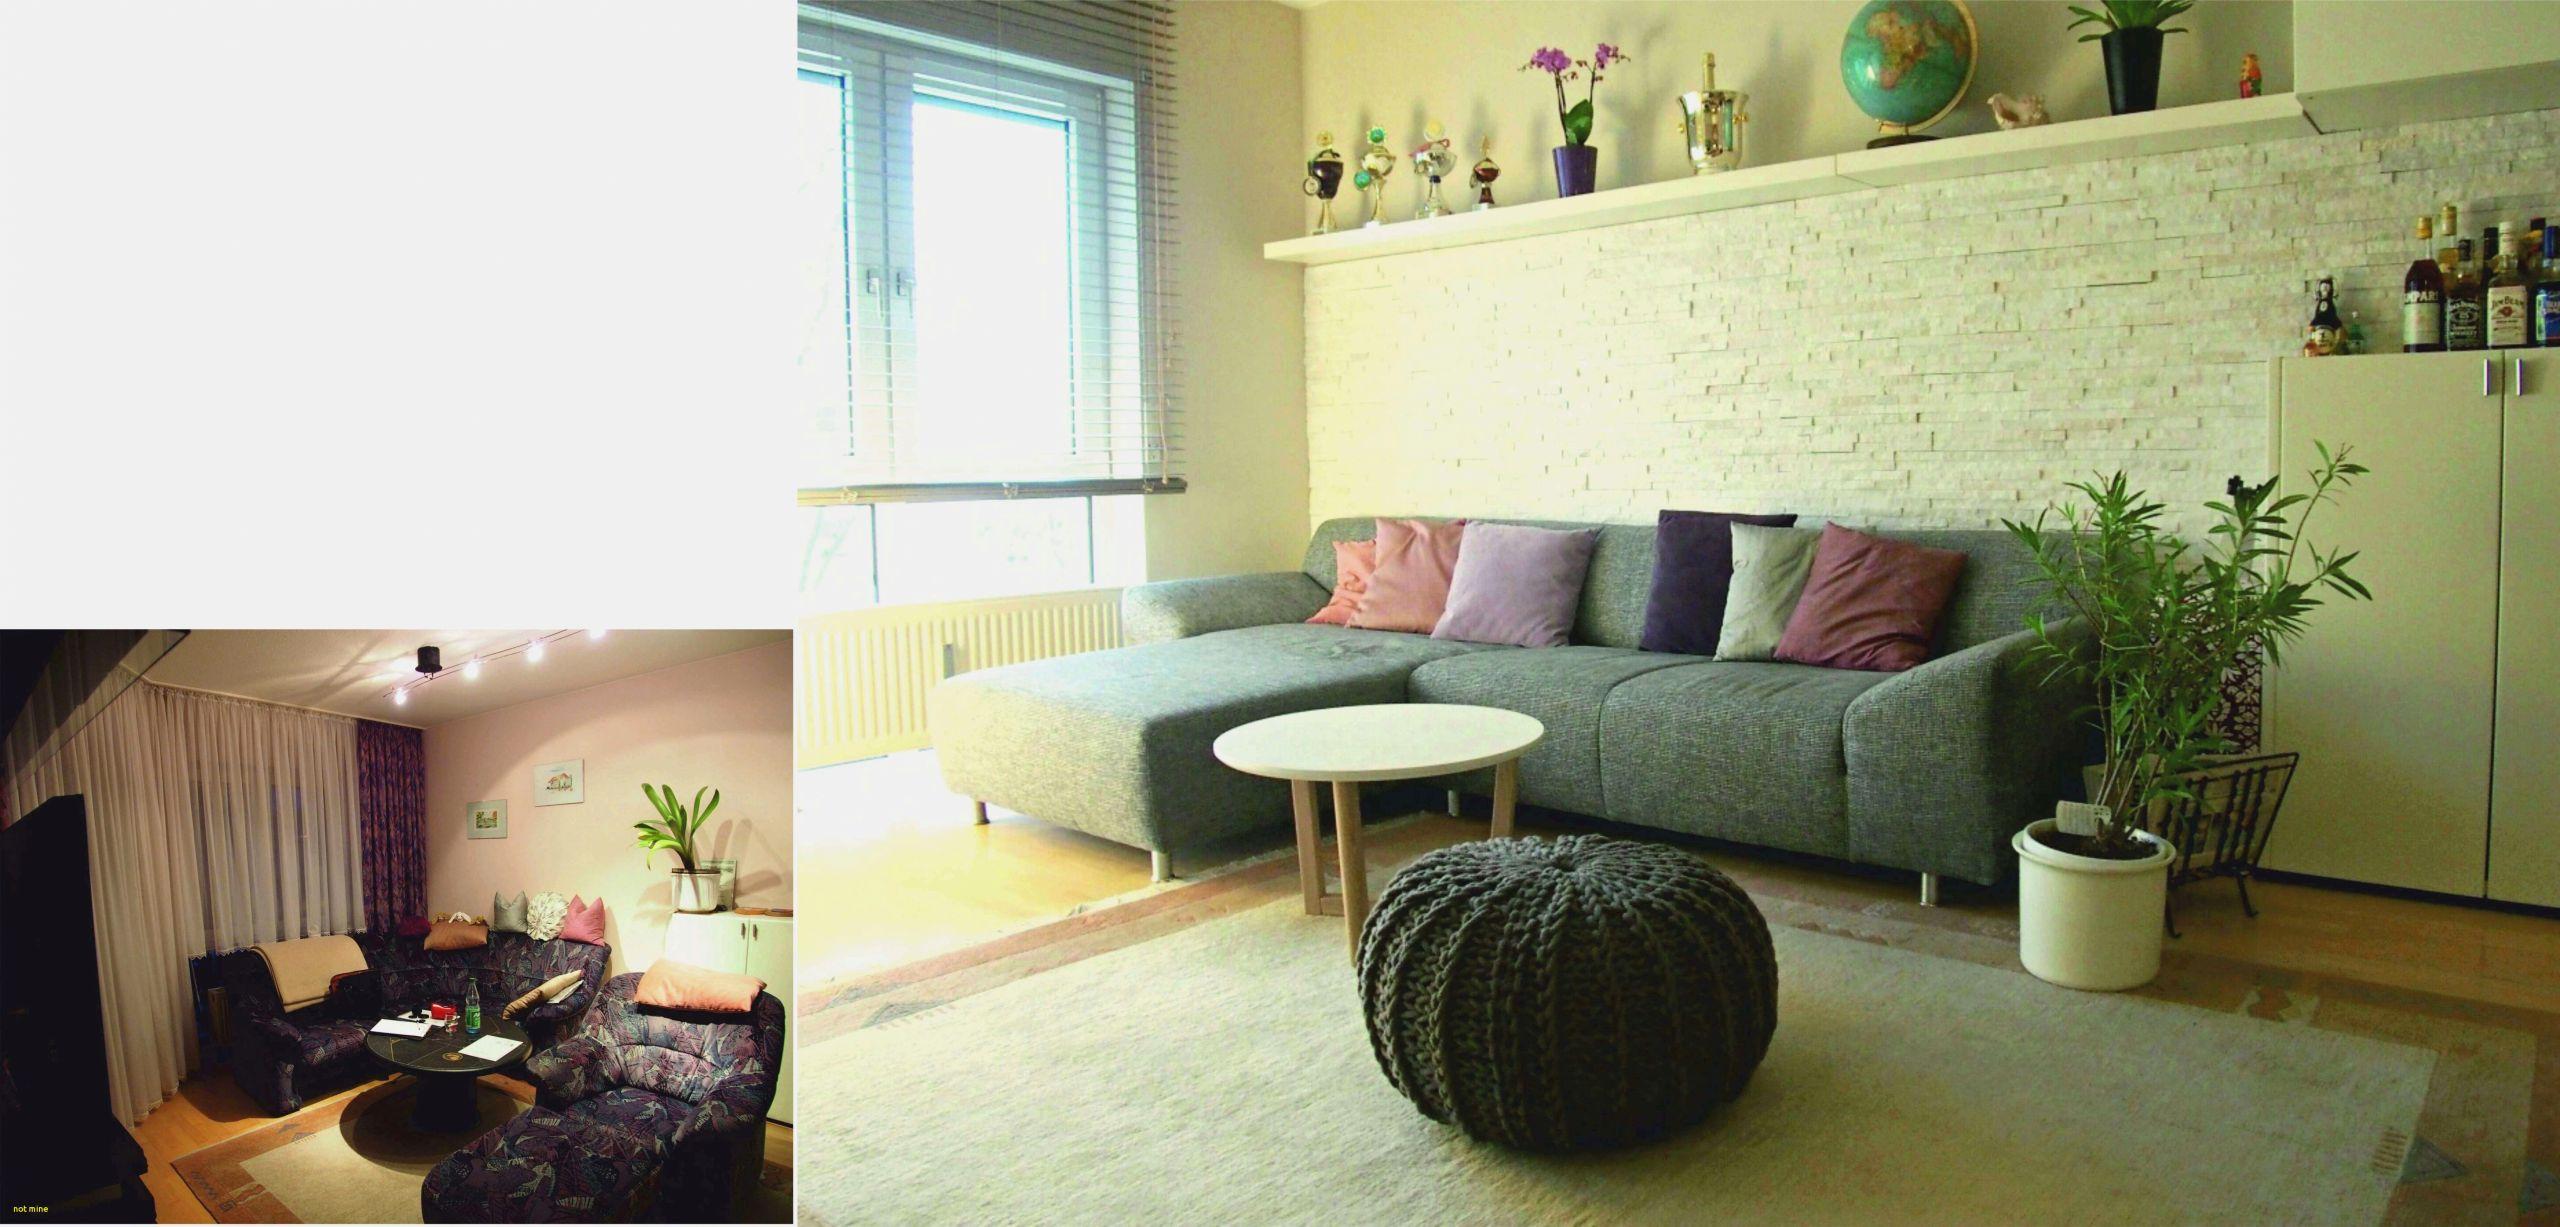 wandfarbe grau beige luxus beige wandfarbe wohnzimmer wohnzimmer altrosa wandfarbe mischen altrosa wandfarbe mischen